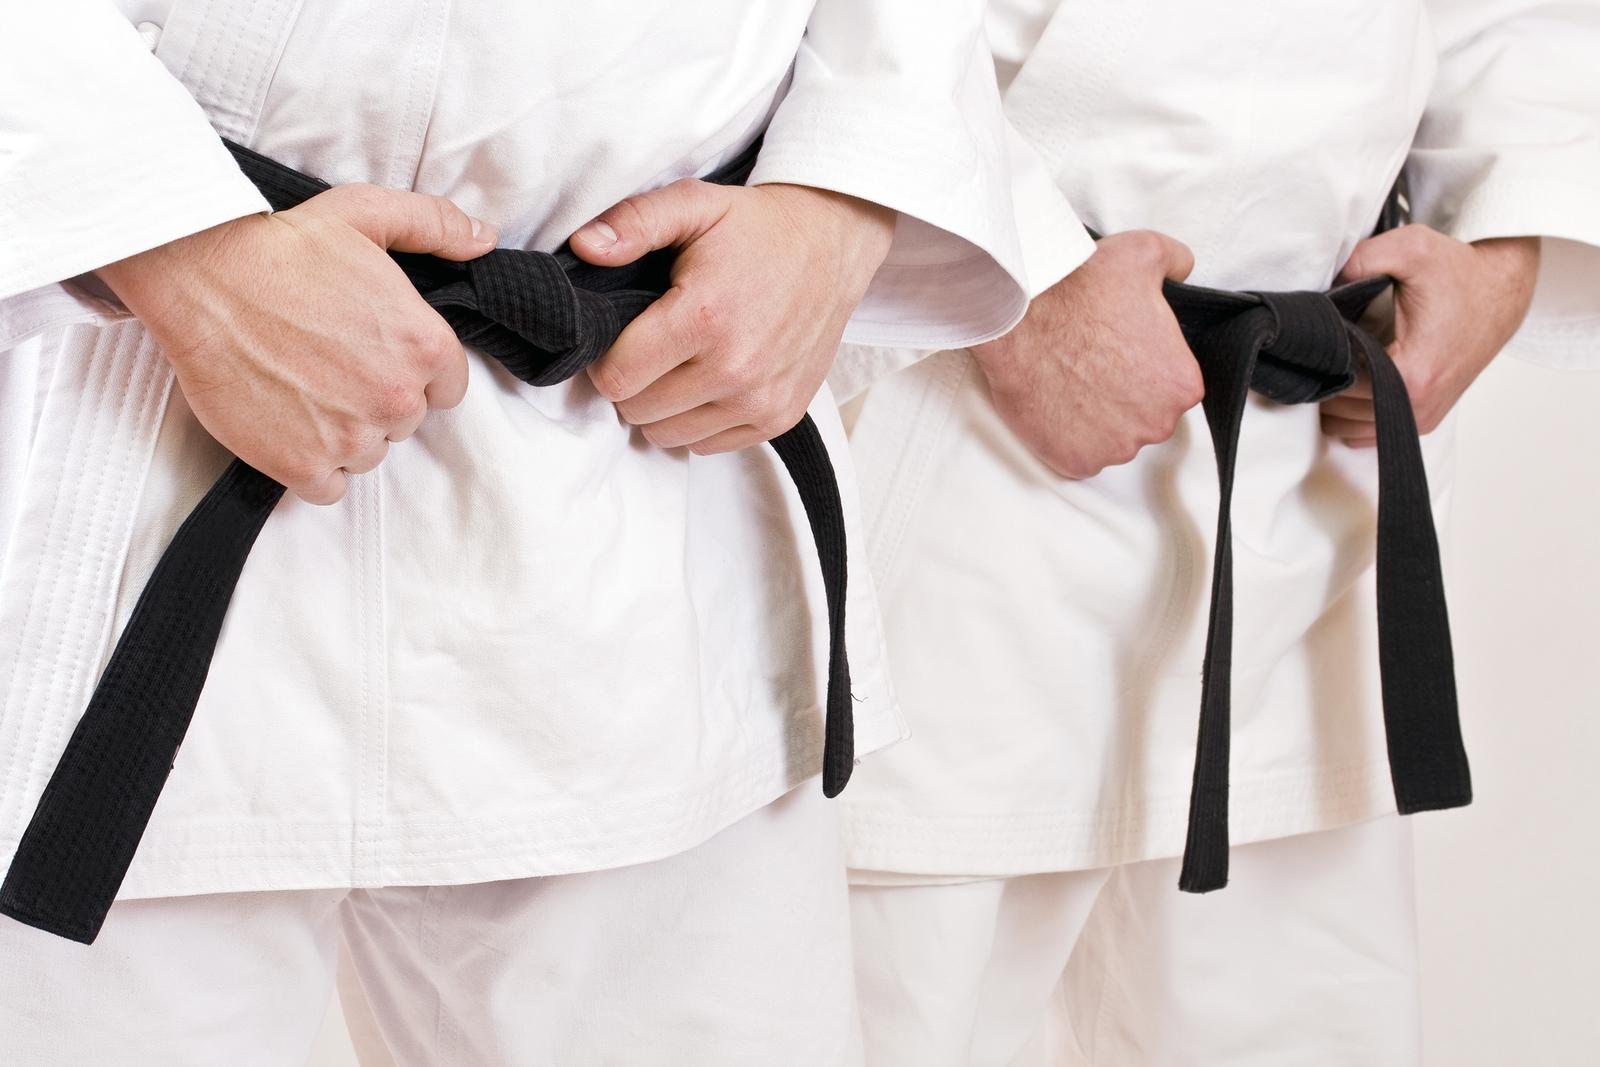 Shotokan Karate Club Villach - Karate und Selbstverteidigung